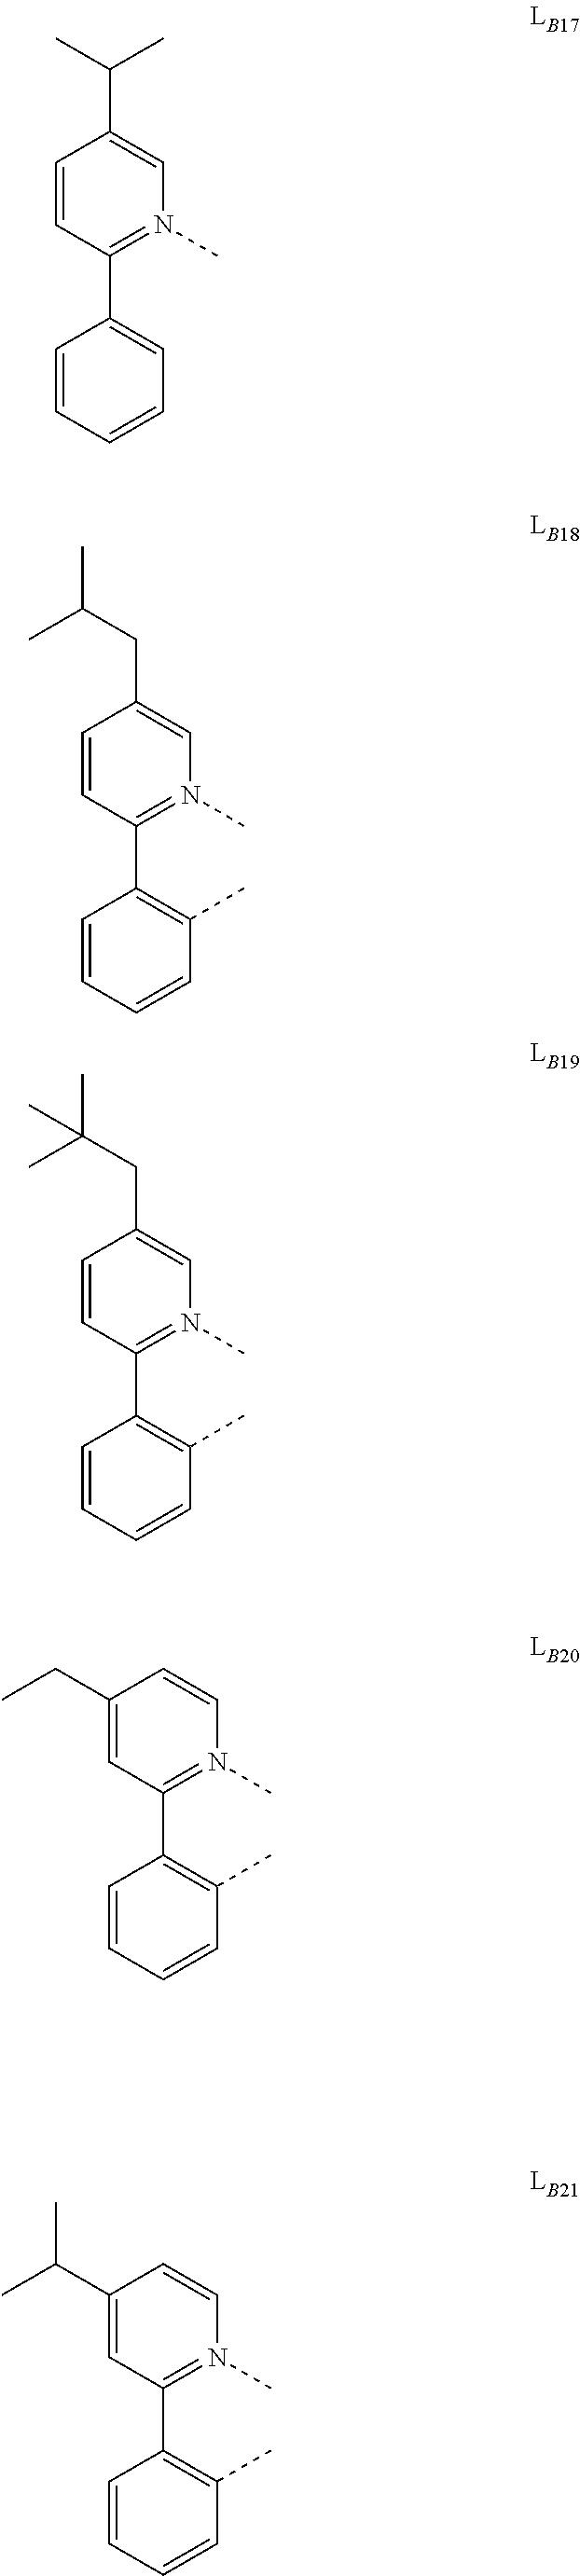 Figure US09929360-20180327-C00040